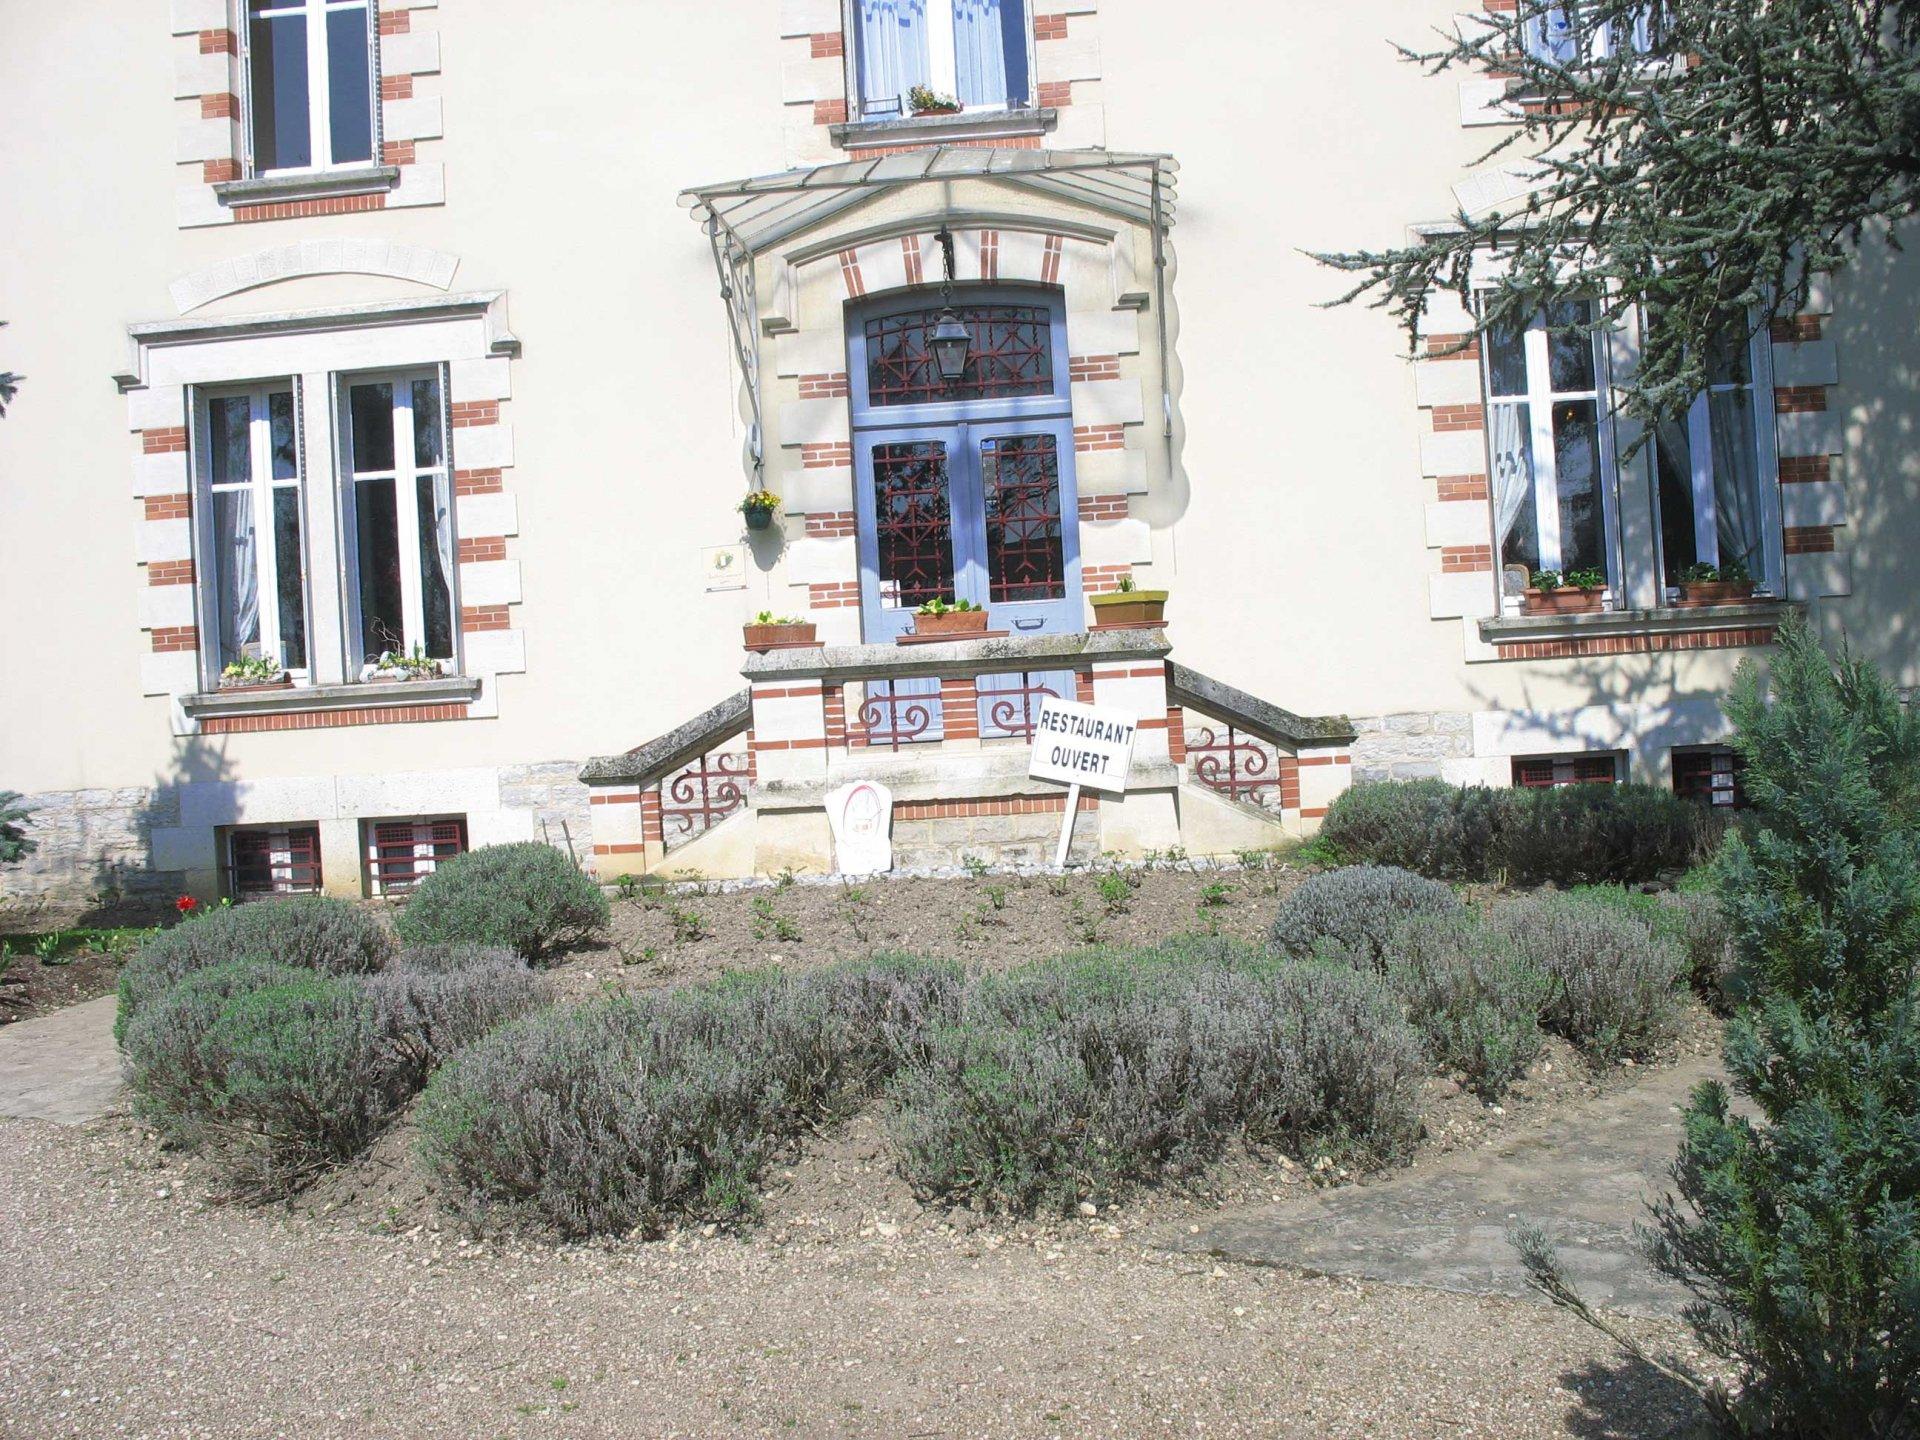 Jardin Gourmand Bourges Nouveau Photographie 20 Inspirant Le Jardin